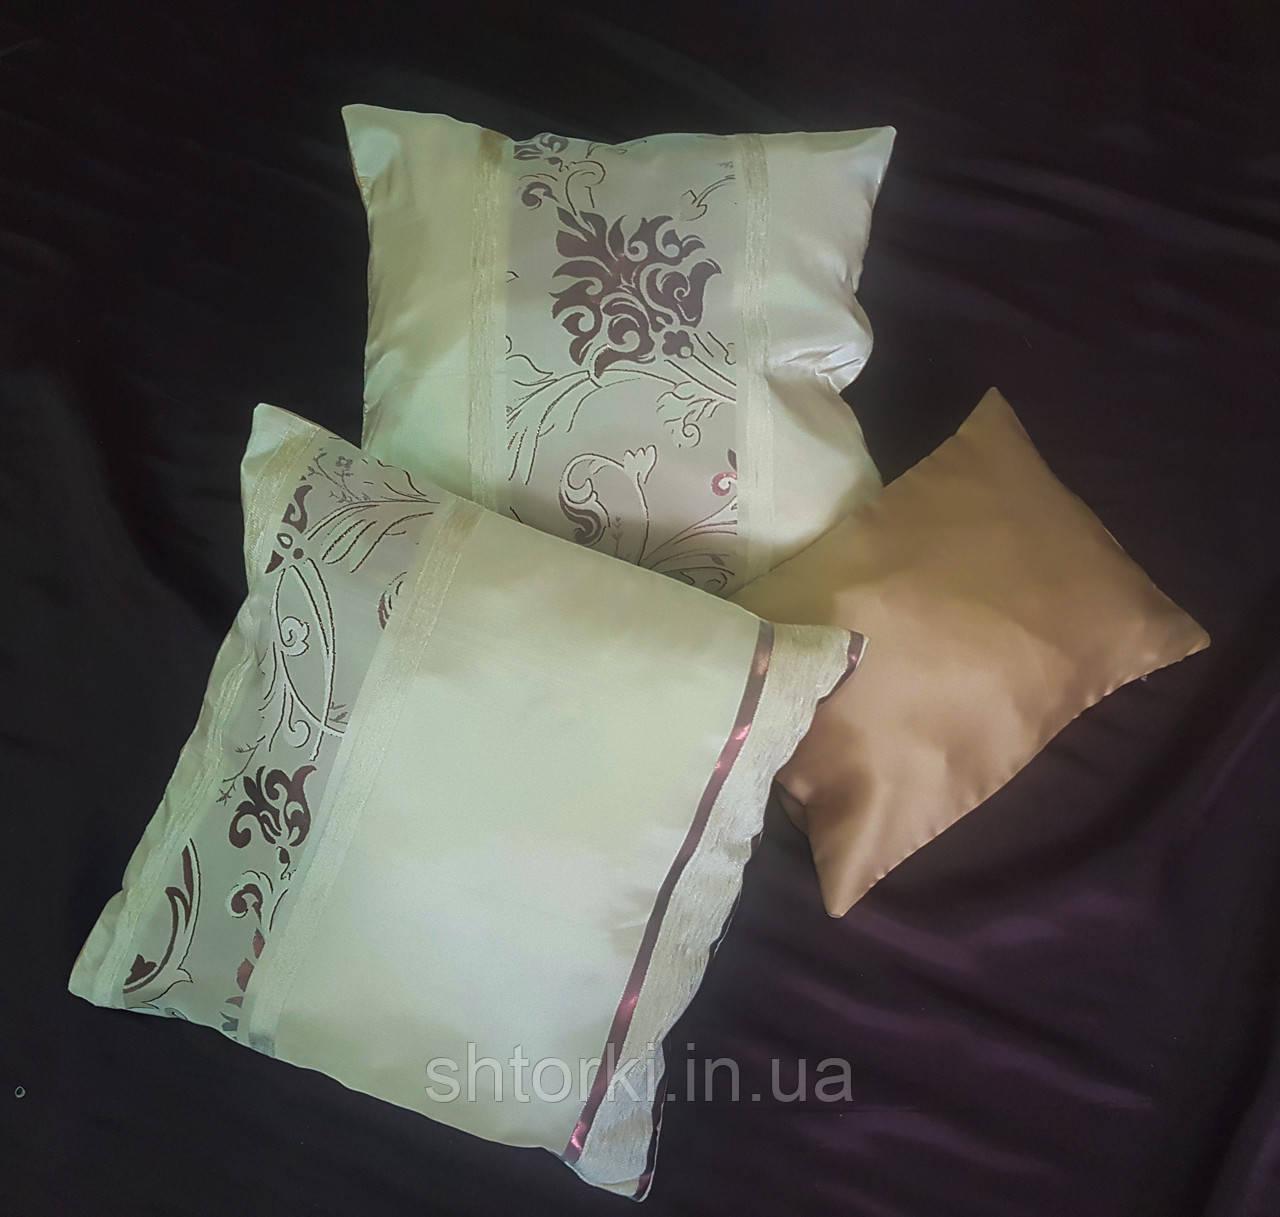 Комплект подушек тафта молочные с классическим рисунком, 3шт